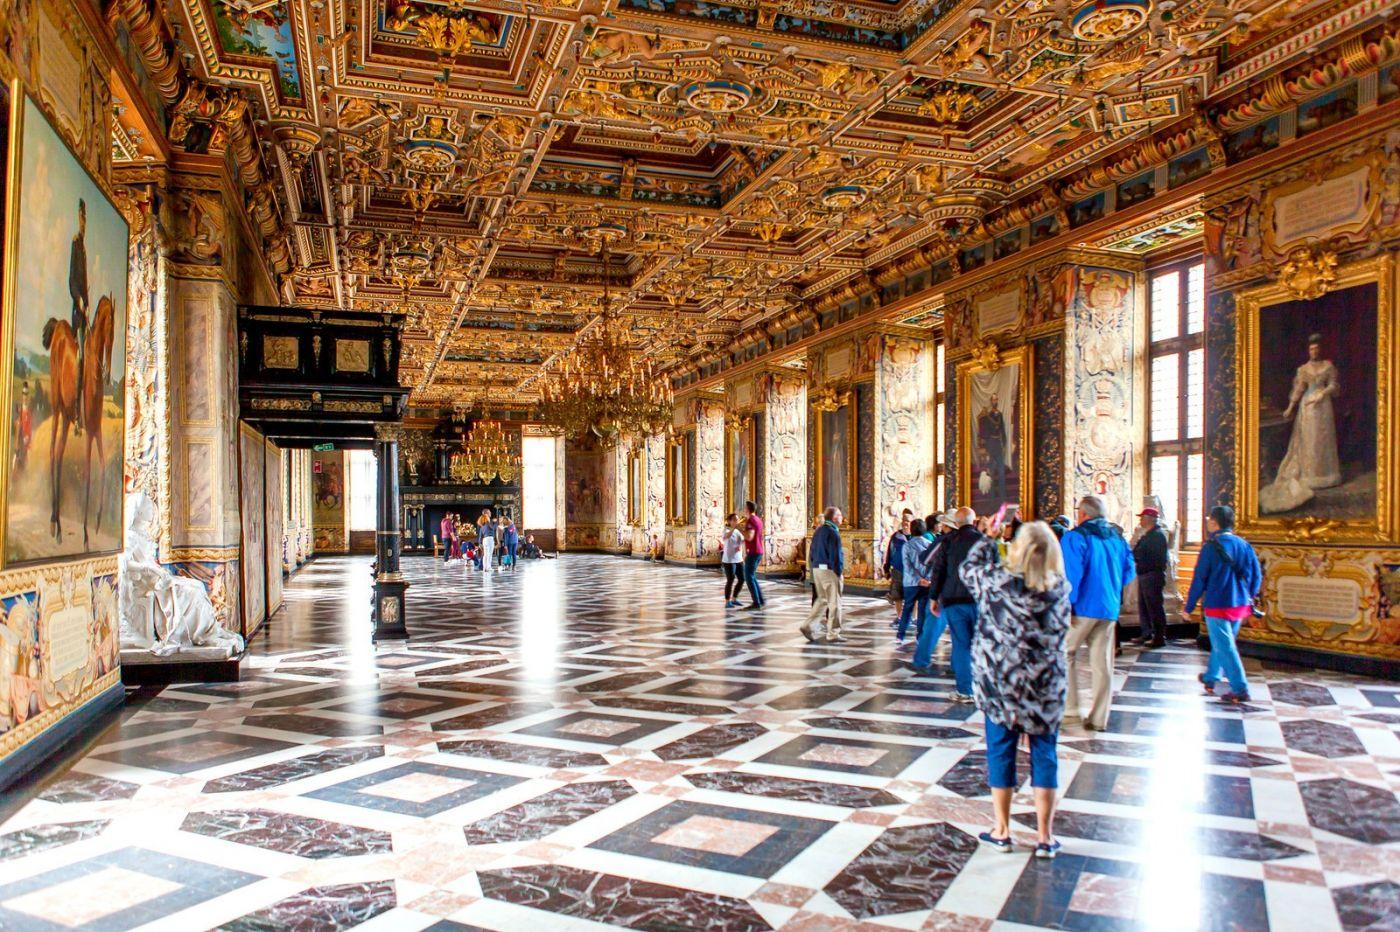 丹麦腓特烈堡城堡,金碧辉煌的大厅_图1-20